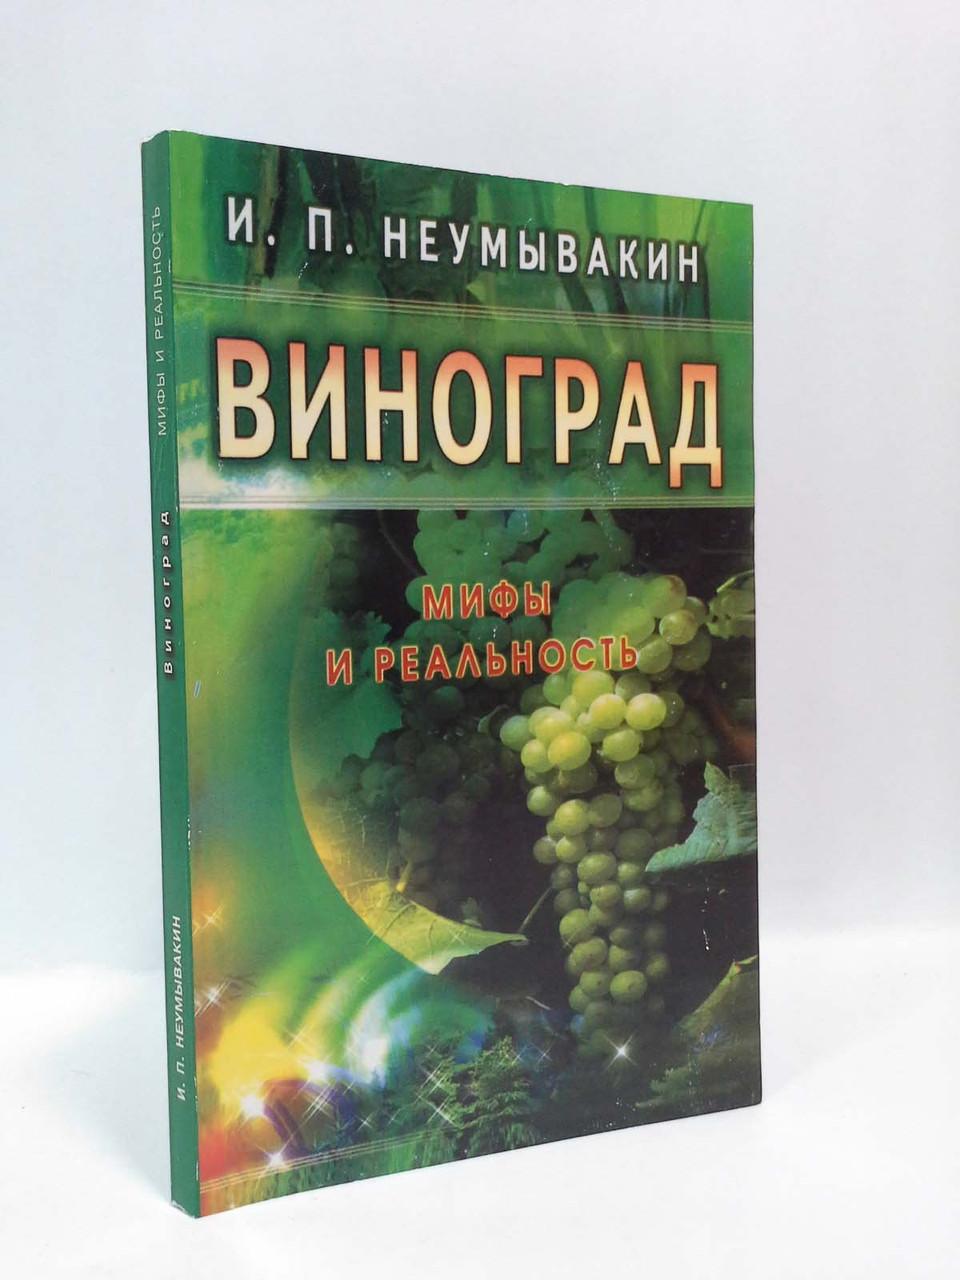 Эзо Неумывакин Виноград Мифы и реальность